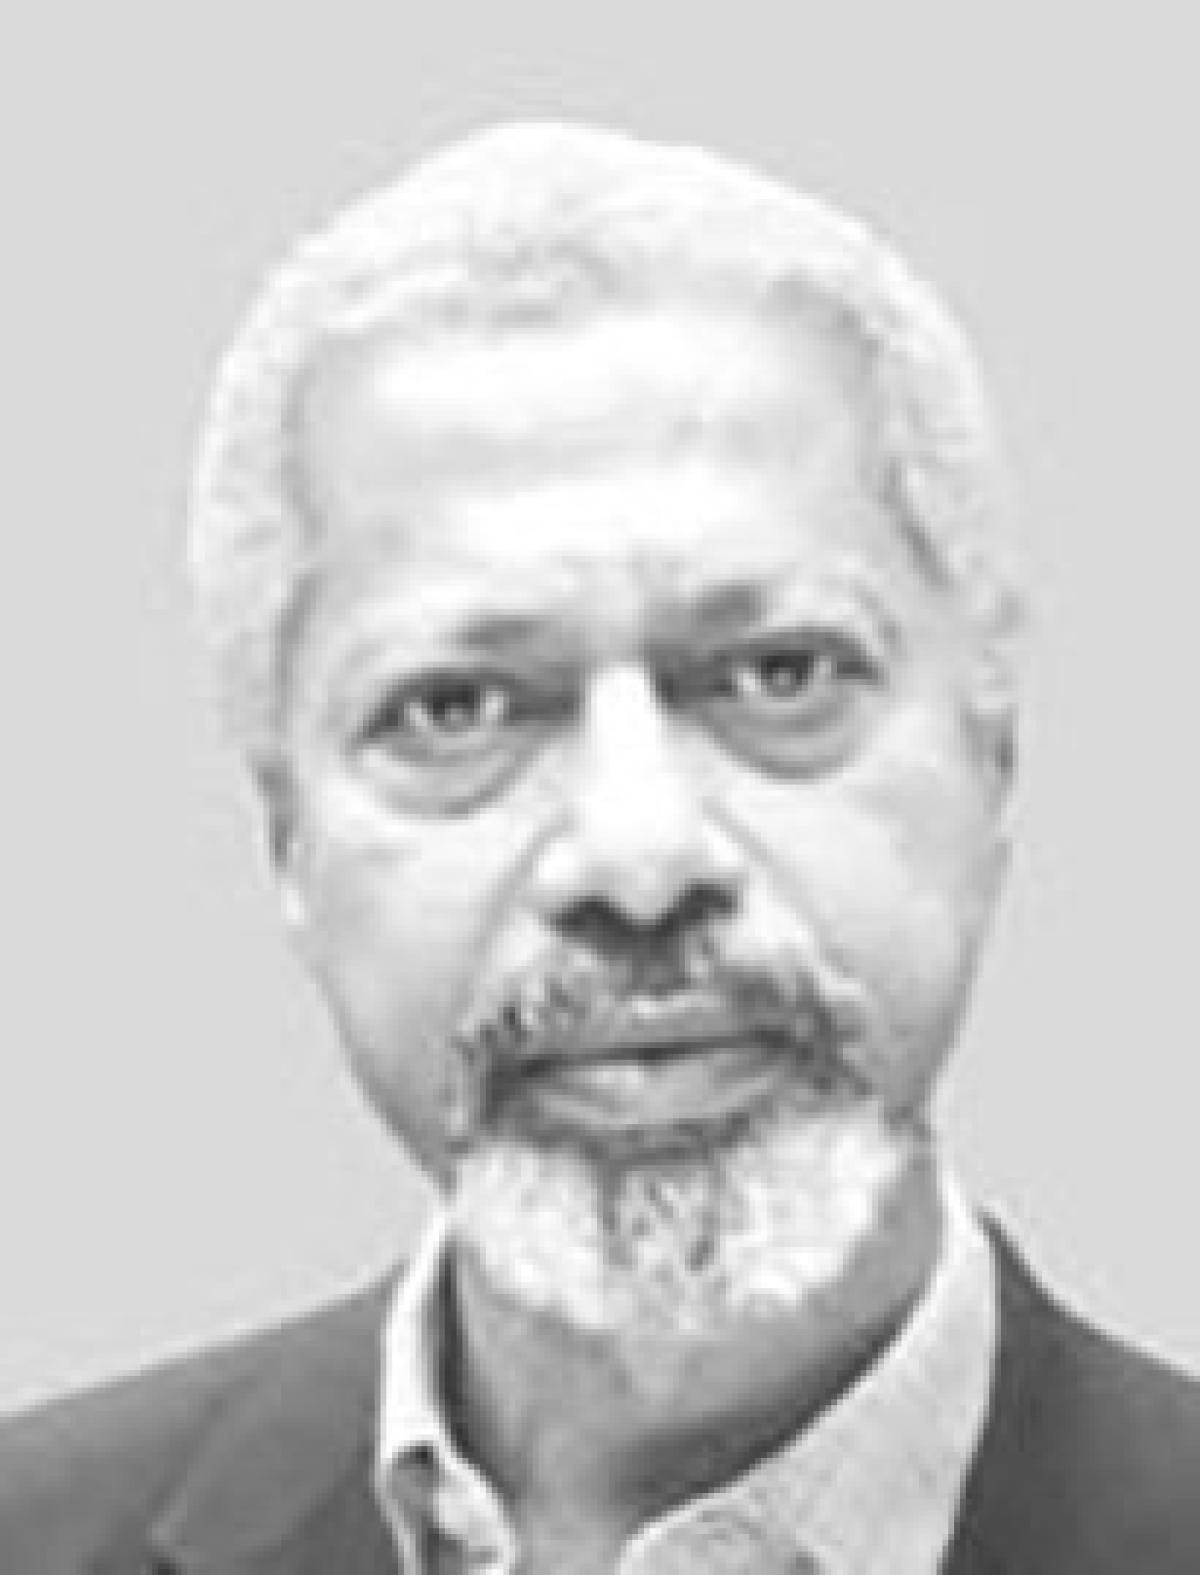 압둘라자크 구르나